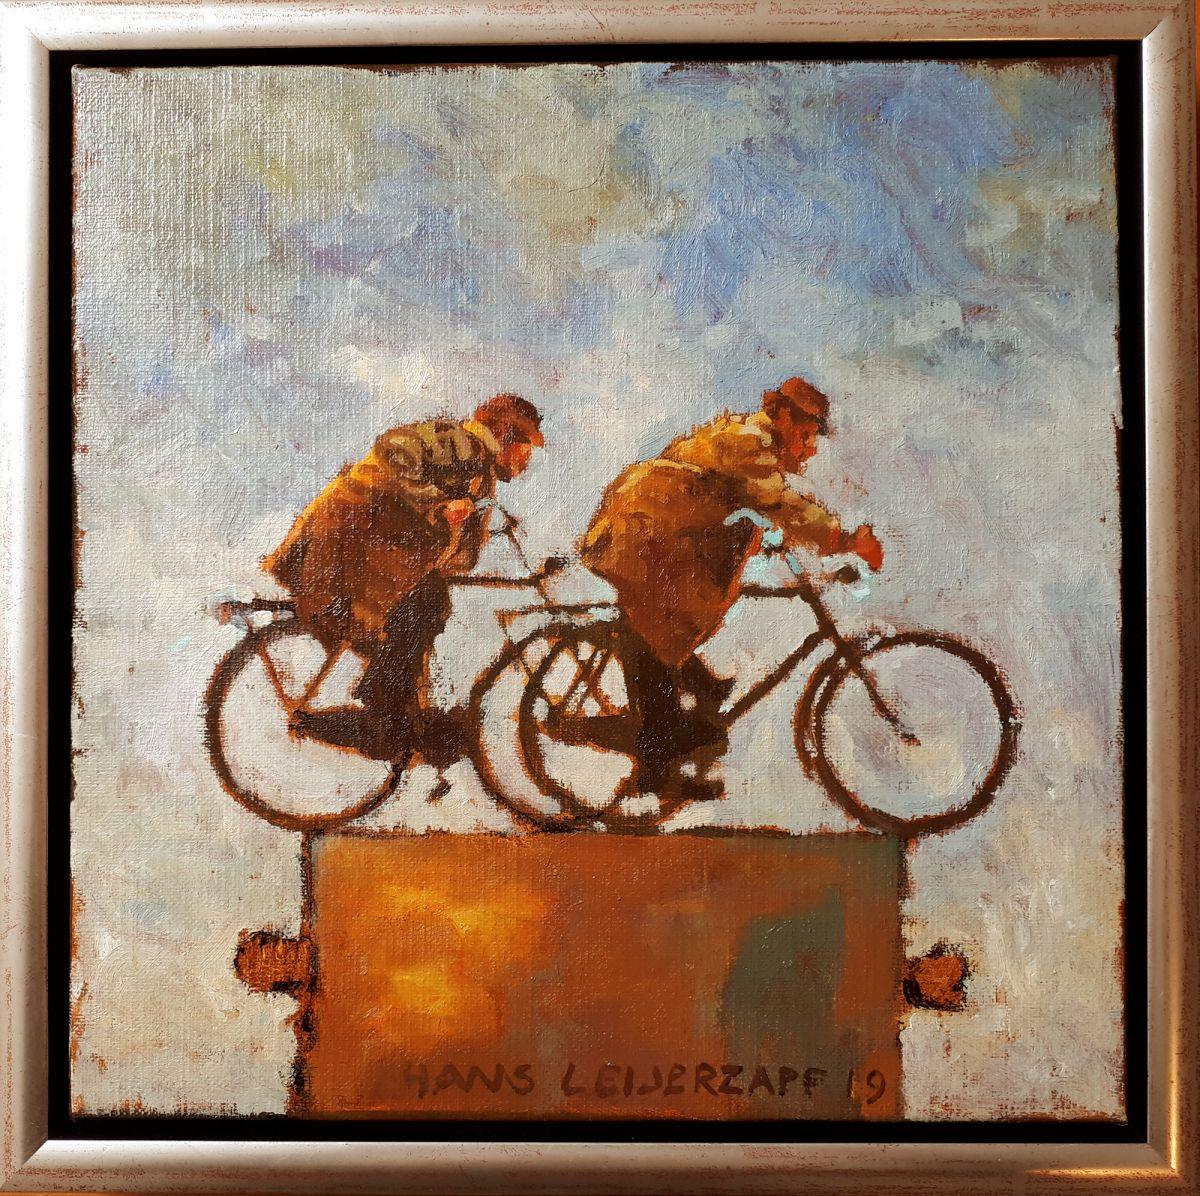 Kunst: In de buitenlucht van kunstenaar Hans Leijerzapf